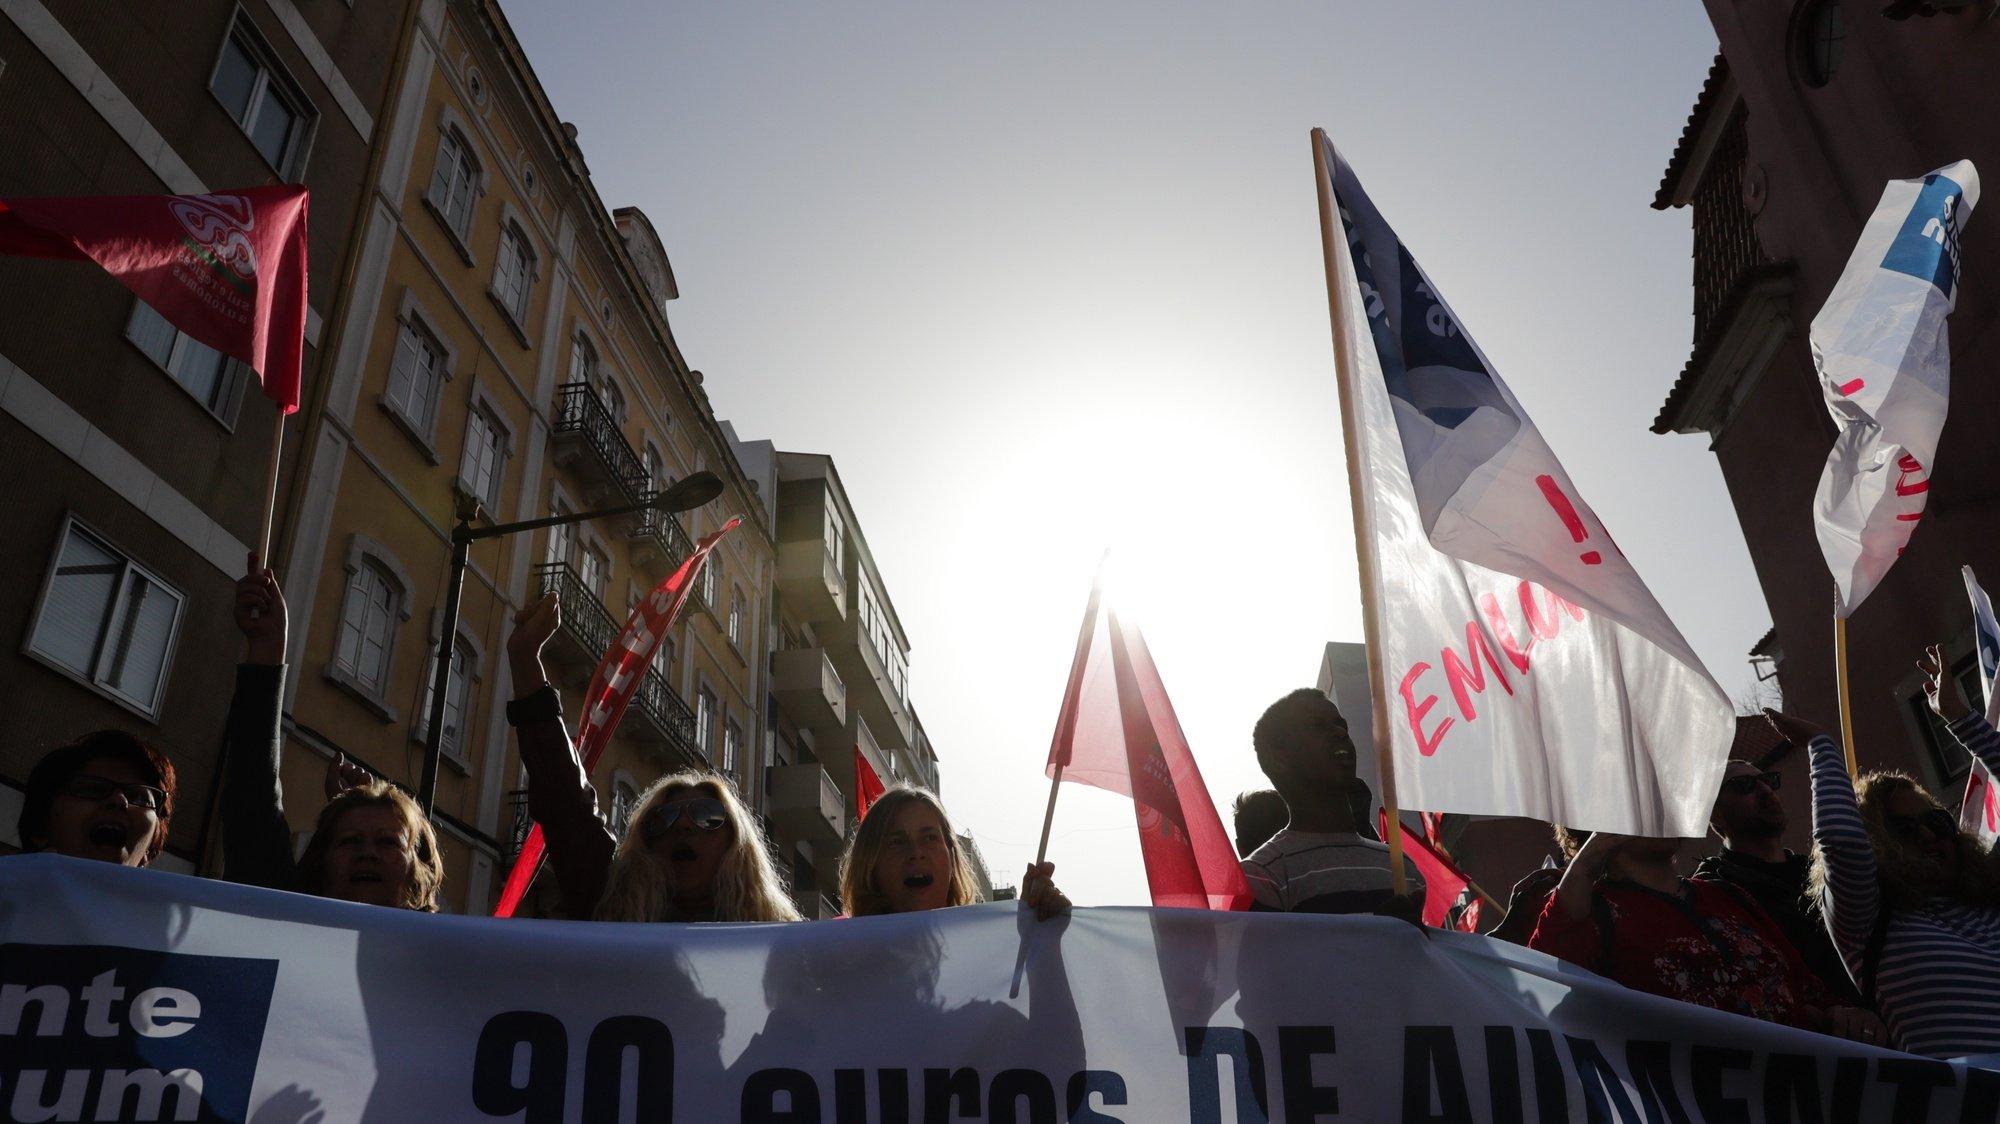 Delegados sindicais da Frente Comum gritam palavras de ordem durante o plenário onde foi anunciado uma greve geral da função pública em frente à residência oficial de São Bento em Lisboa, 28 de fevereiro de 2020. TIAGO PETINGA/LUSA